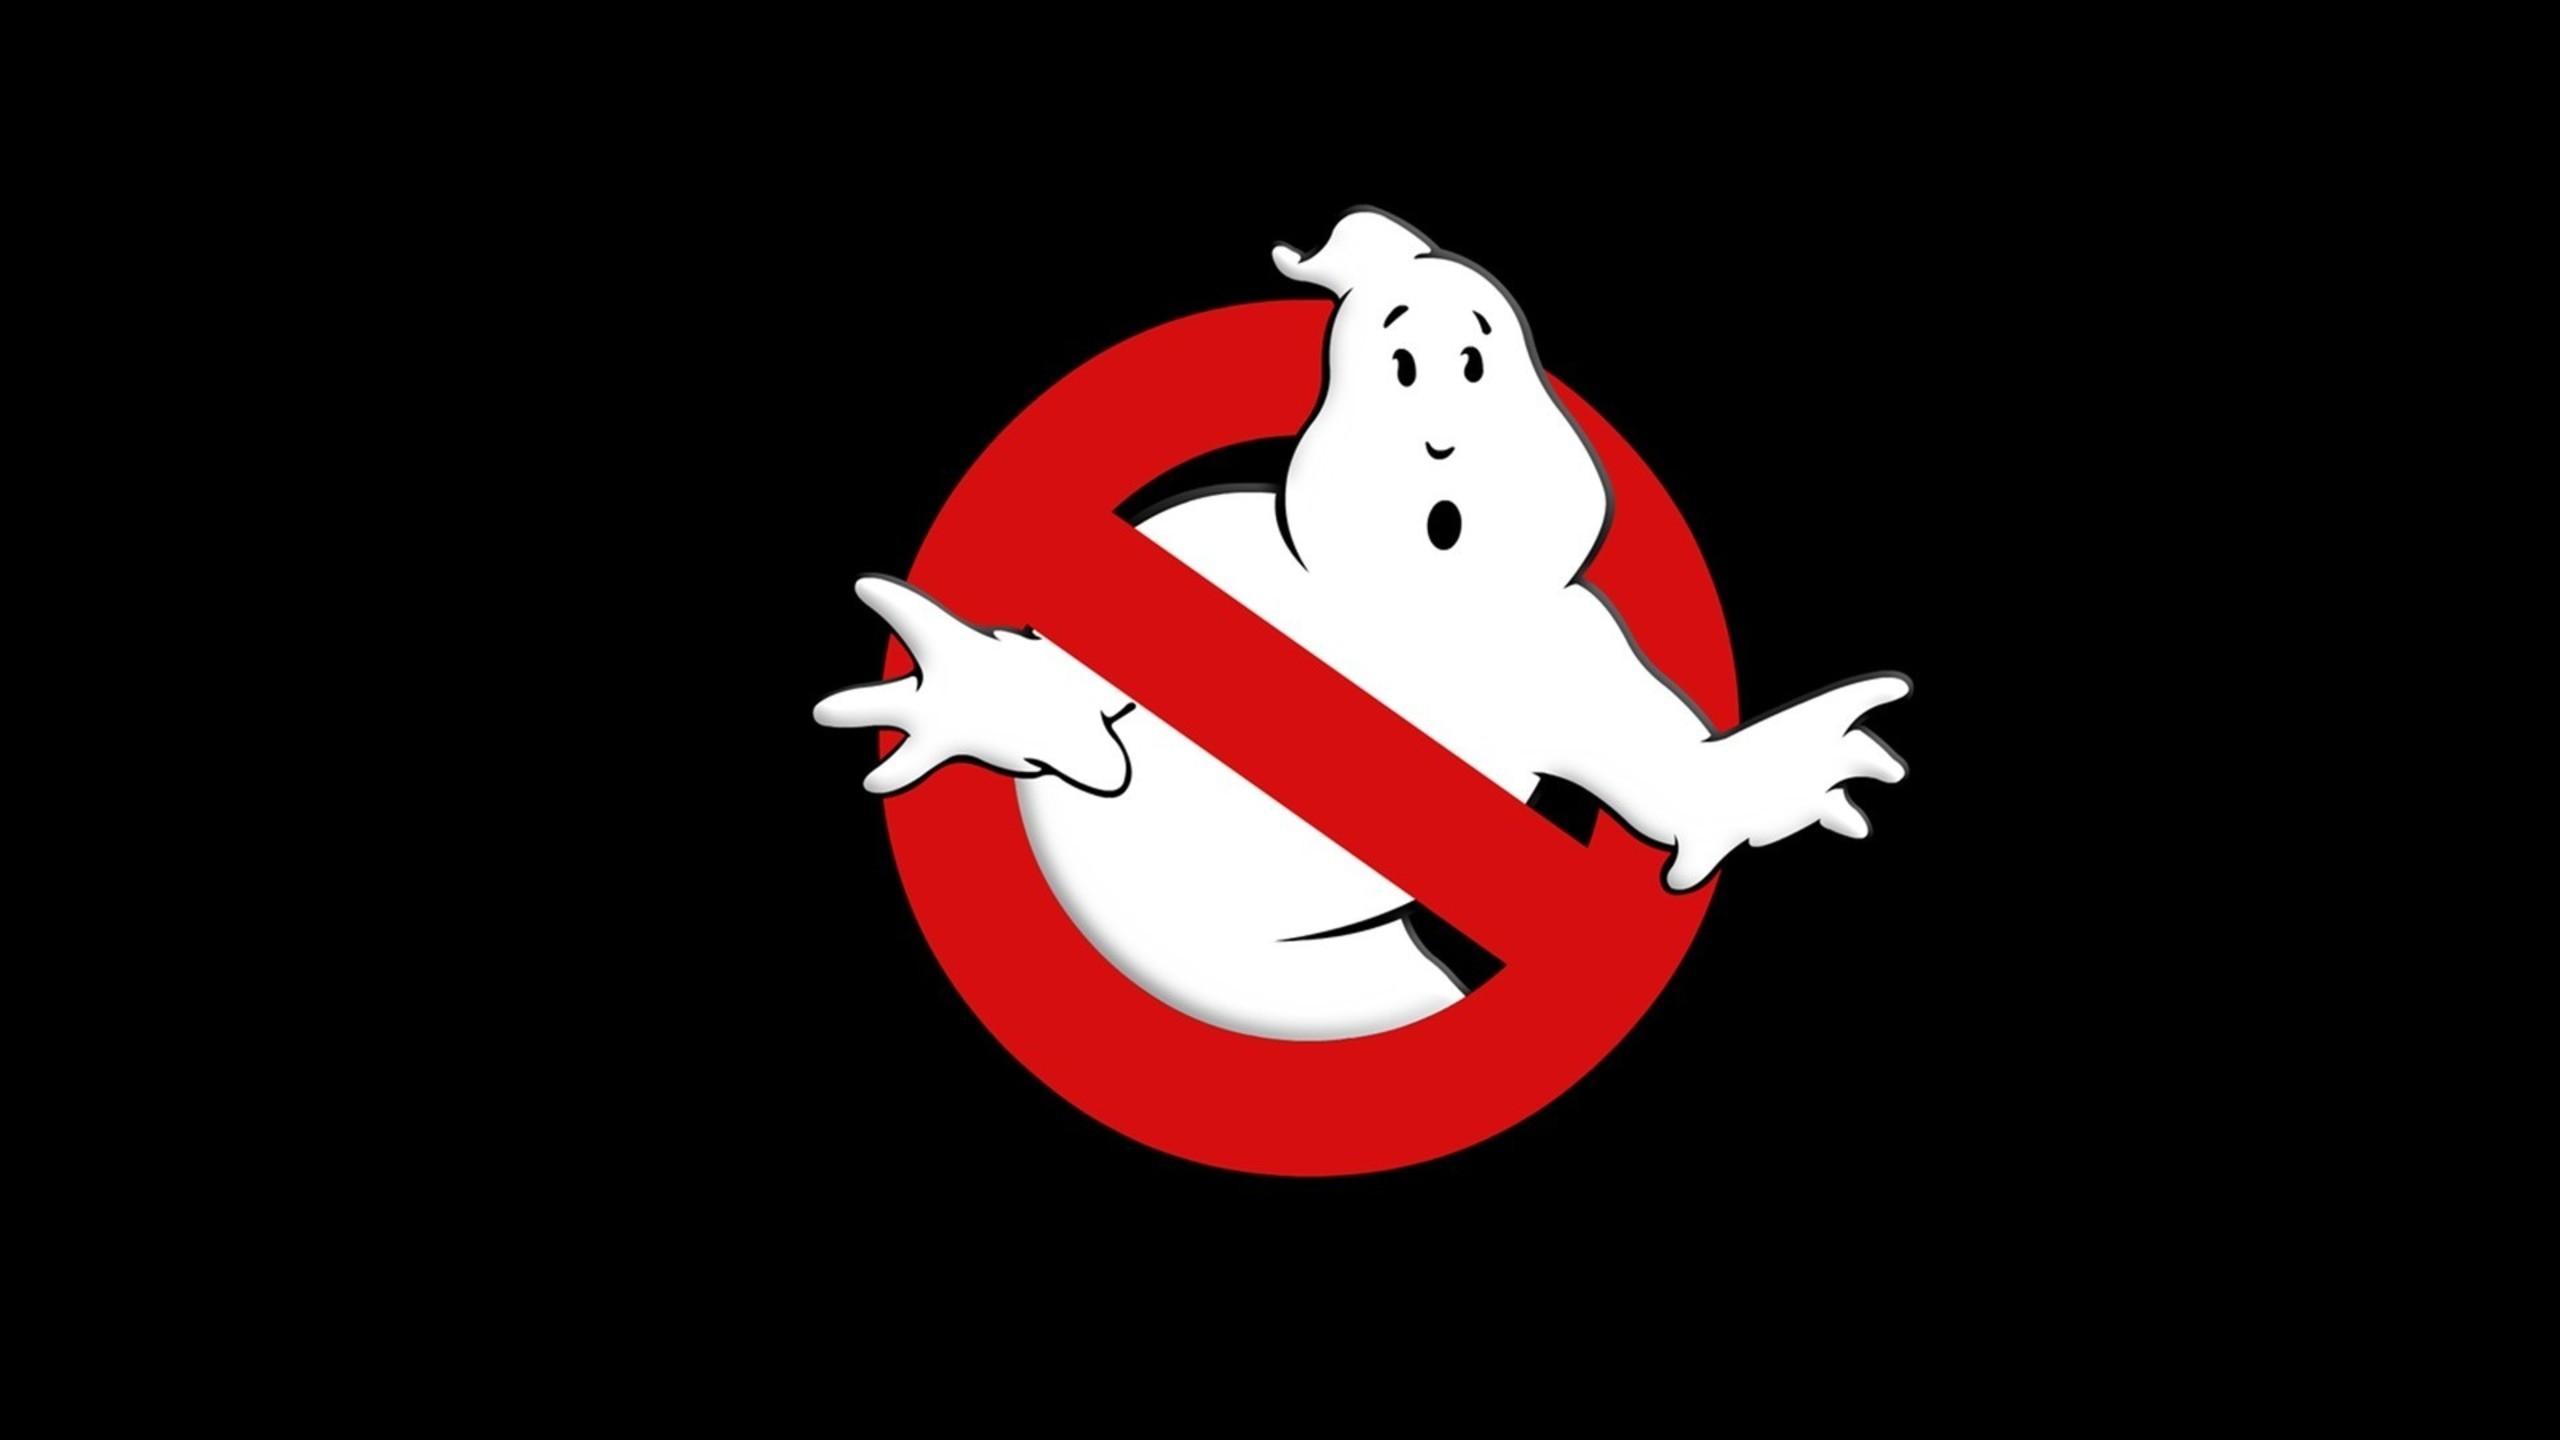 Res: 2560x1440, ghostbusters-2016.jpg